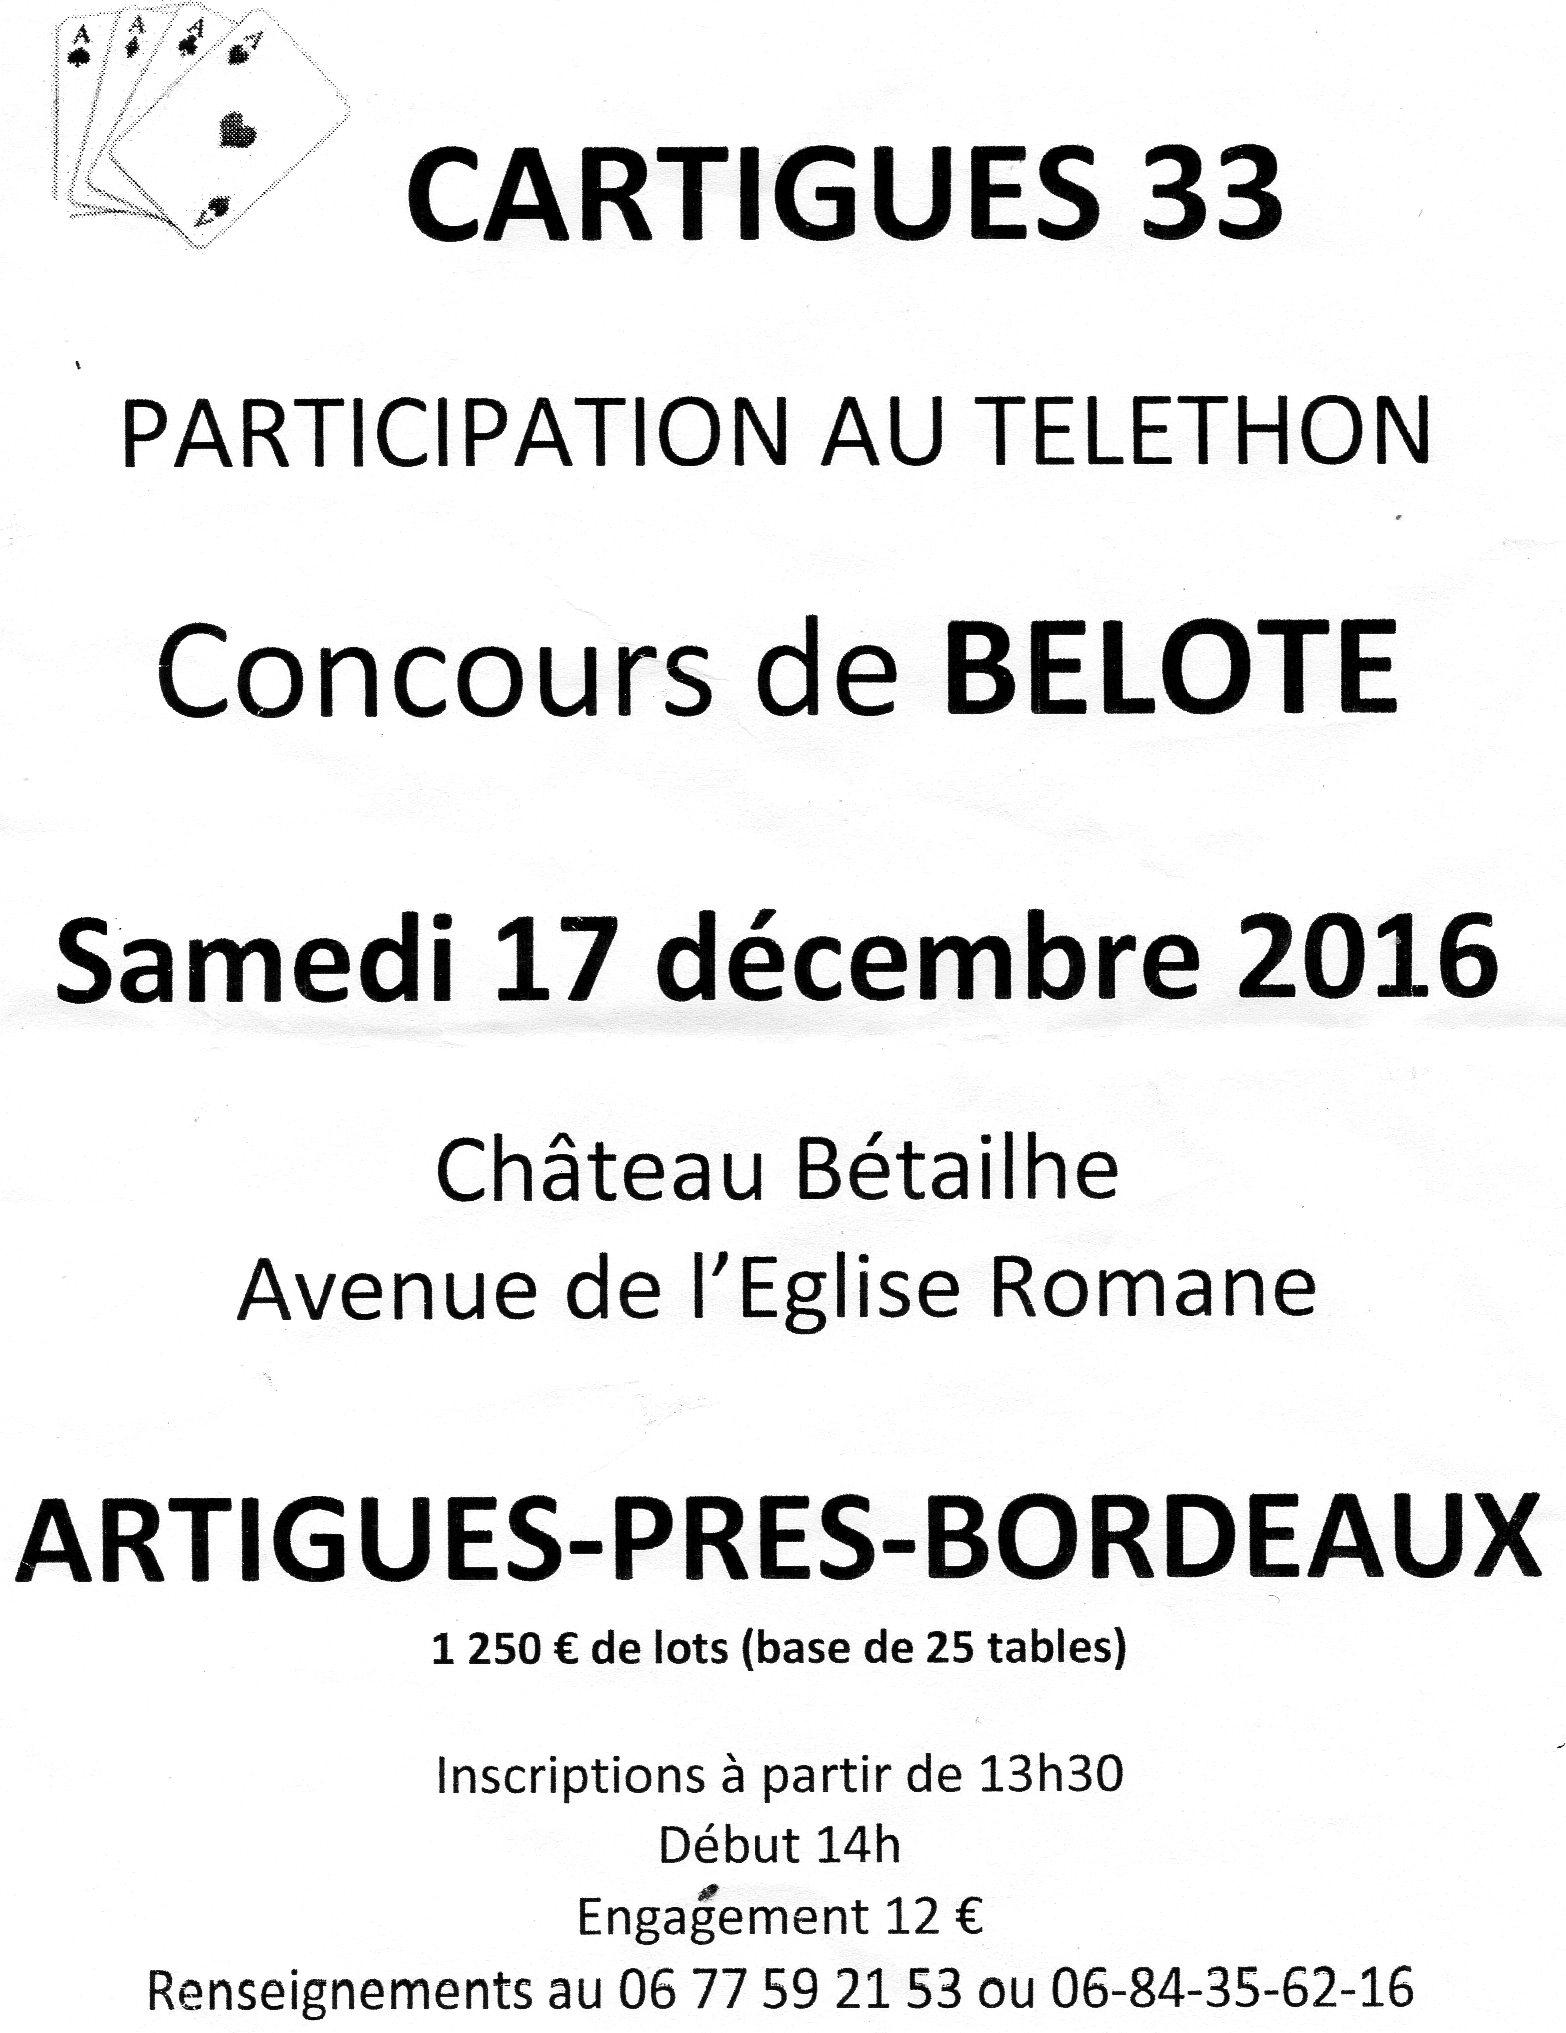 Affiche du concours de belote samedi 17 décembre 2016 à Artigues près de Bordeaux